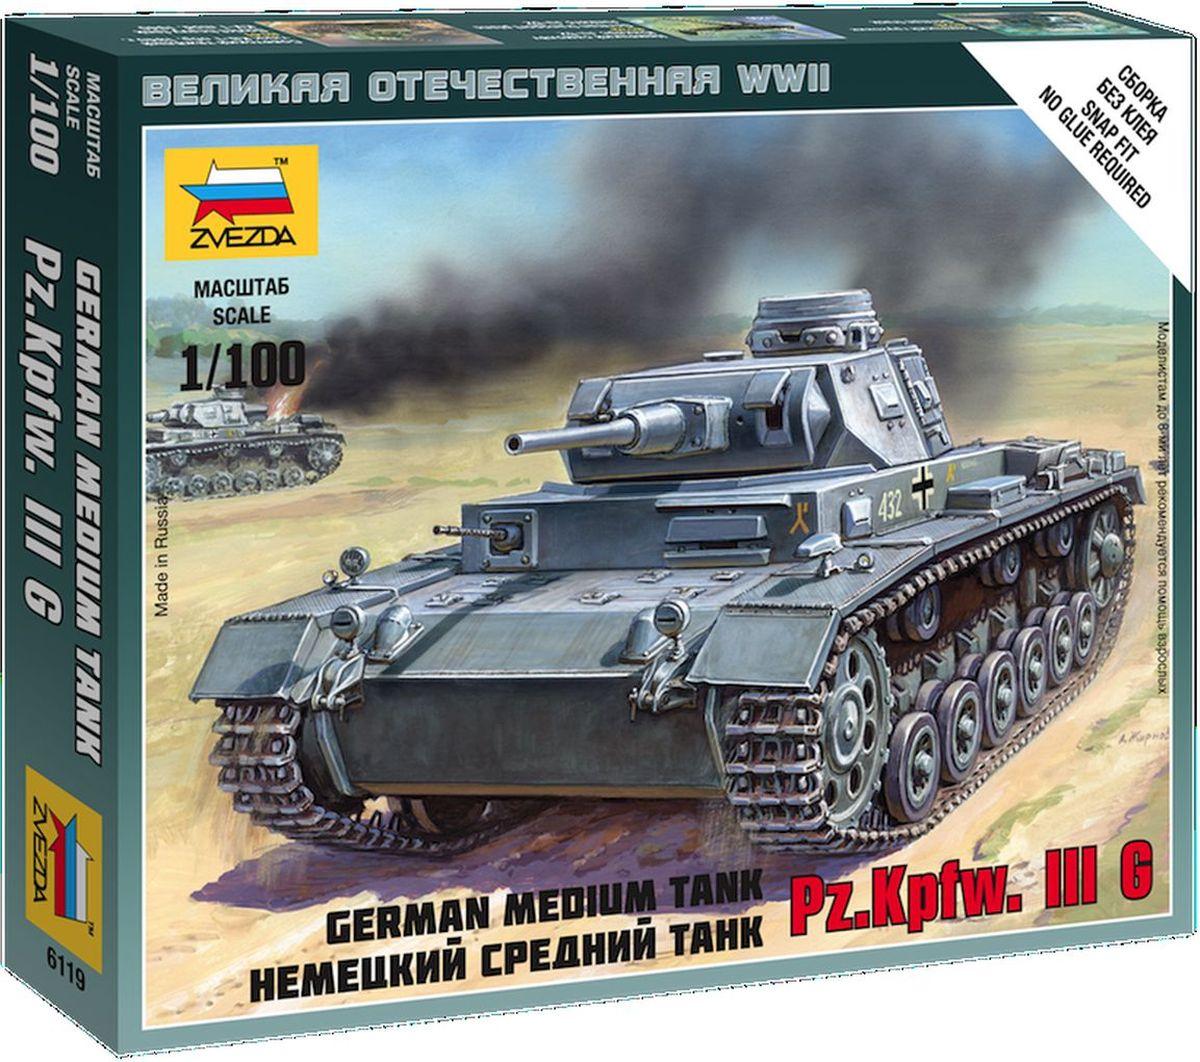 Звезда Сборная модель Немецкий средний танк Pz Kpfw III G